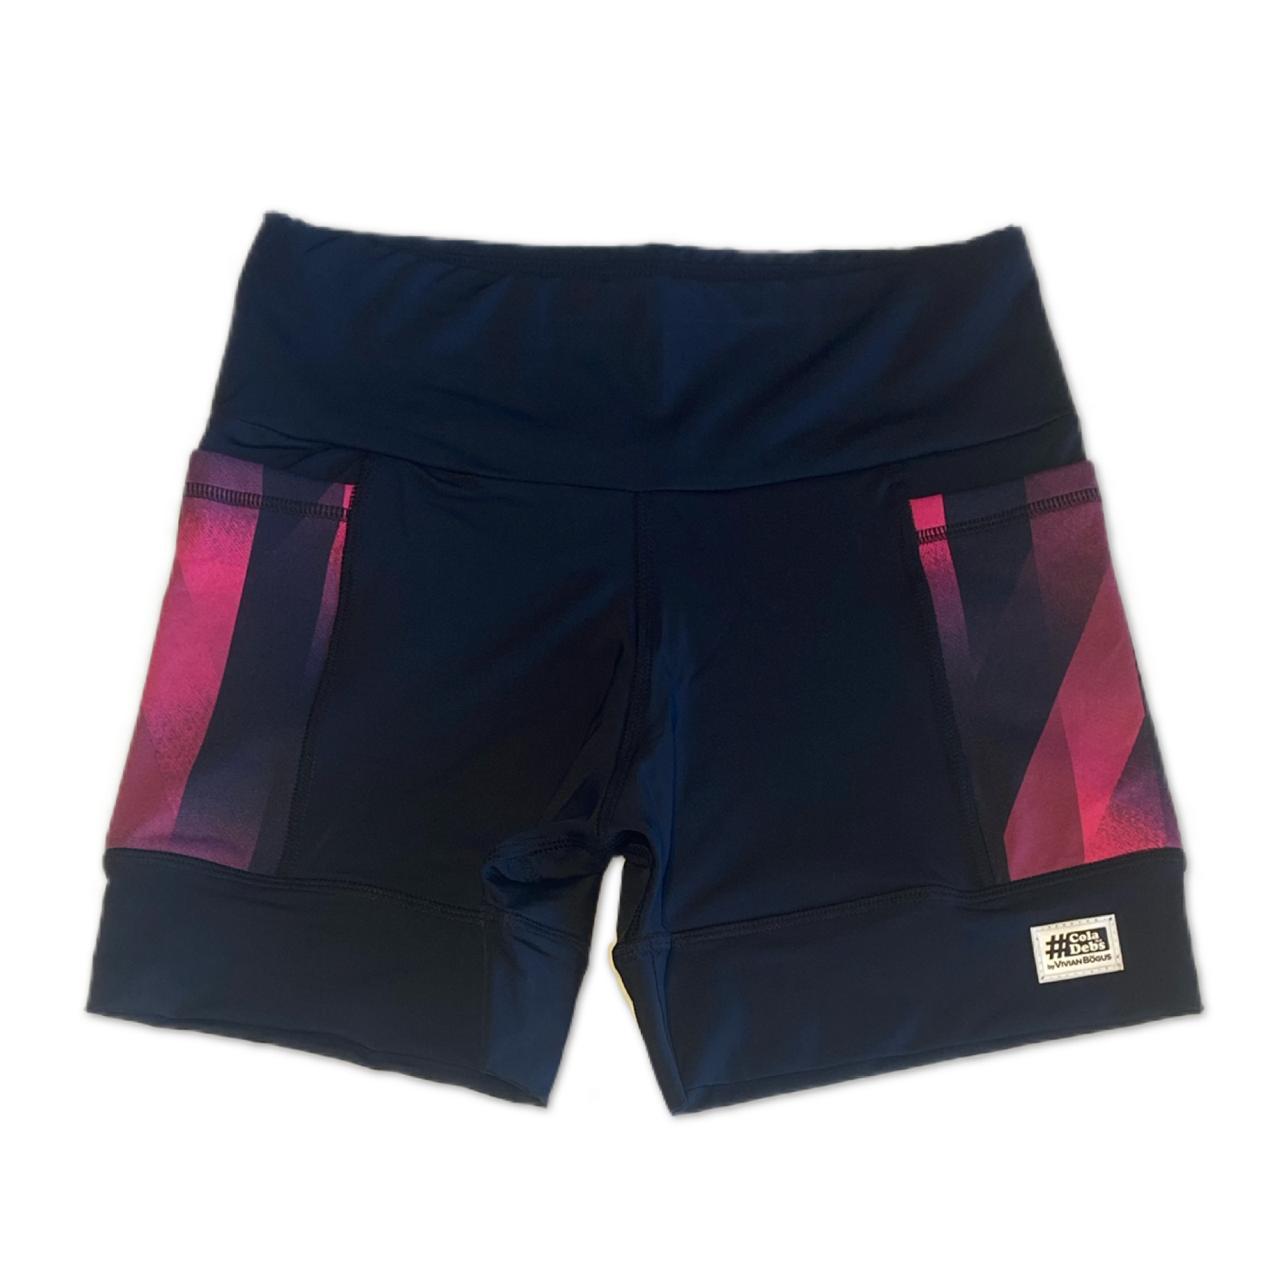 Shorts de compressão 2 bolsos Square em Sportiva preto bolso Cherry  - Vivian Bógus